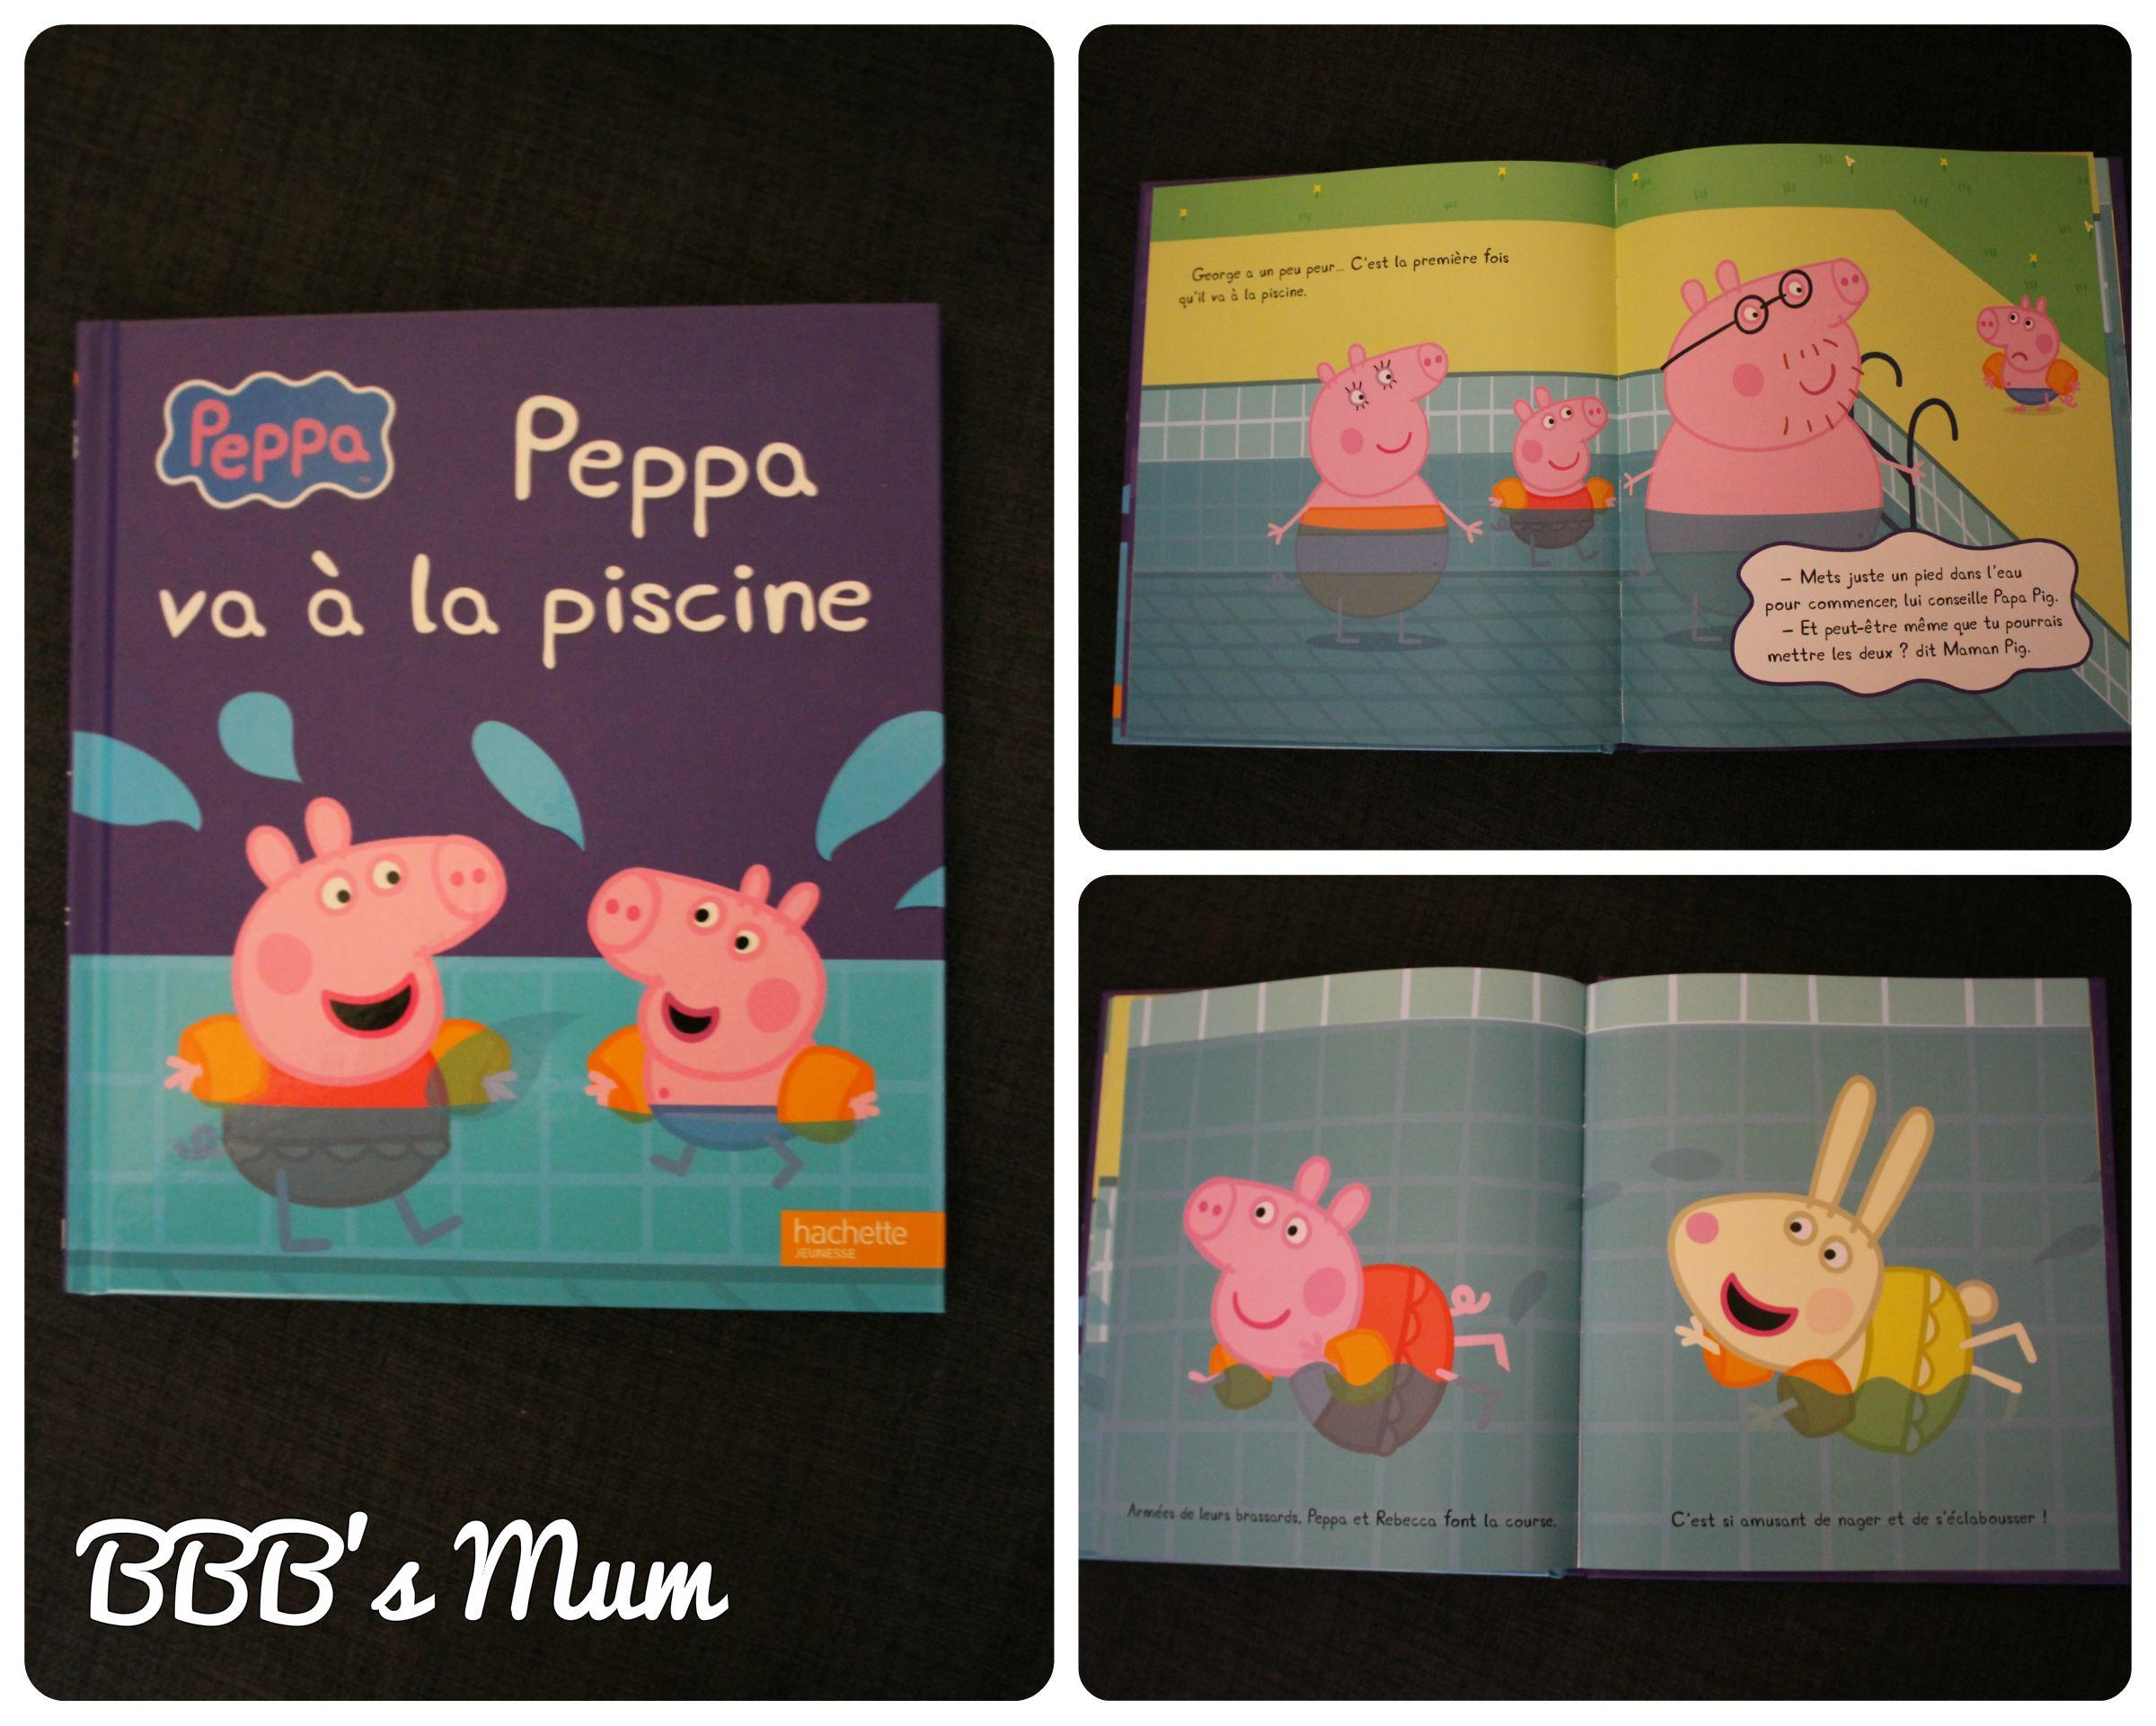 Peppa Pig En Franais Dessin Anim Peppa Pig Franais Piscine ... encequiconcerne Peppa Pig À La Piscine